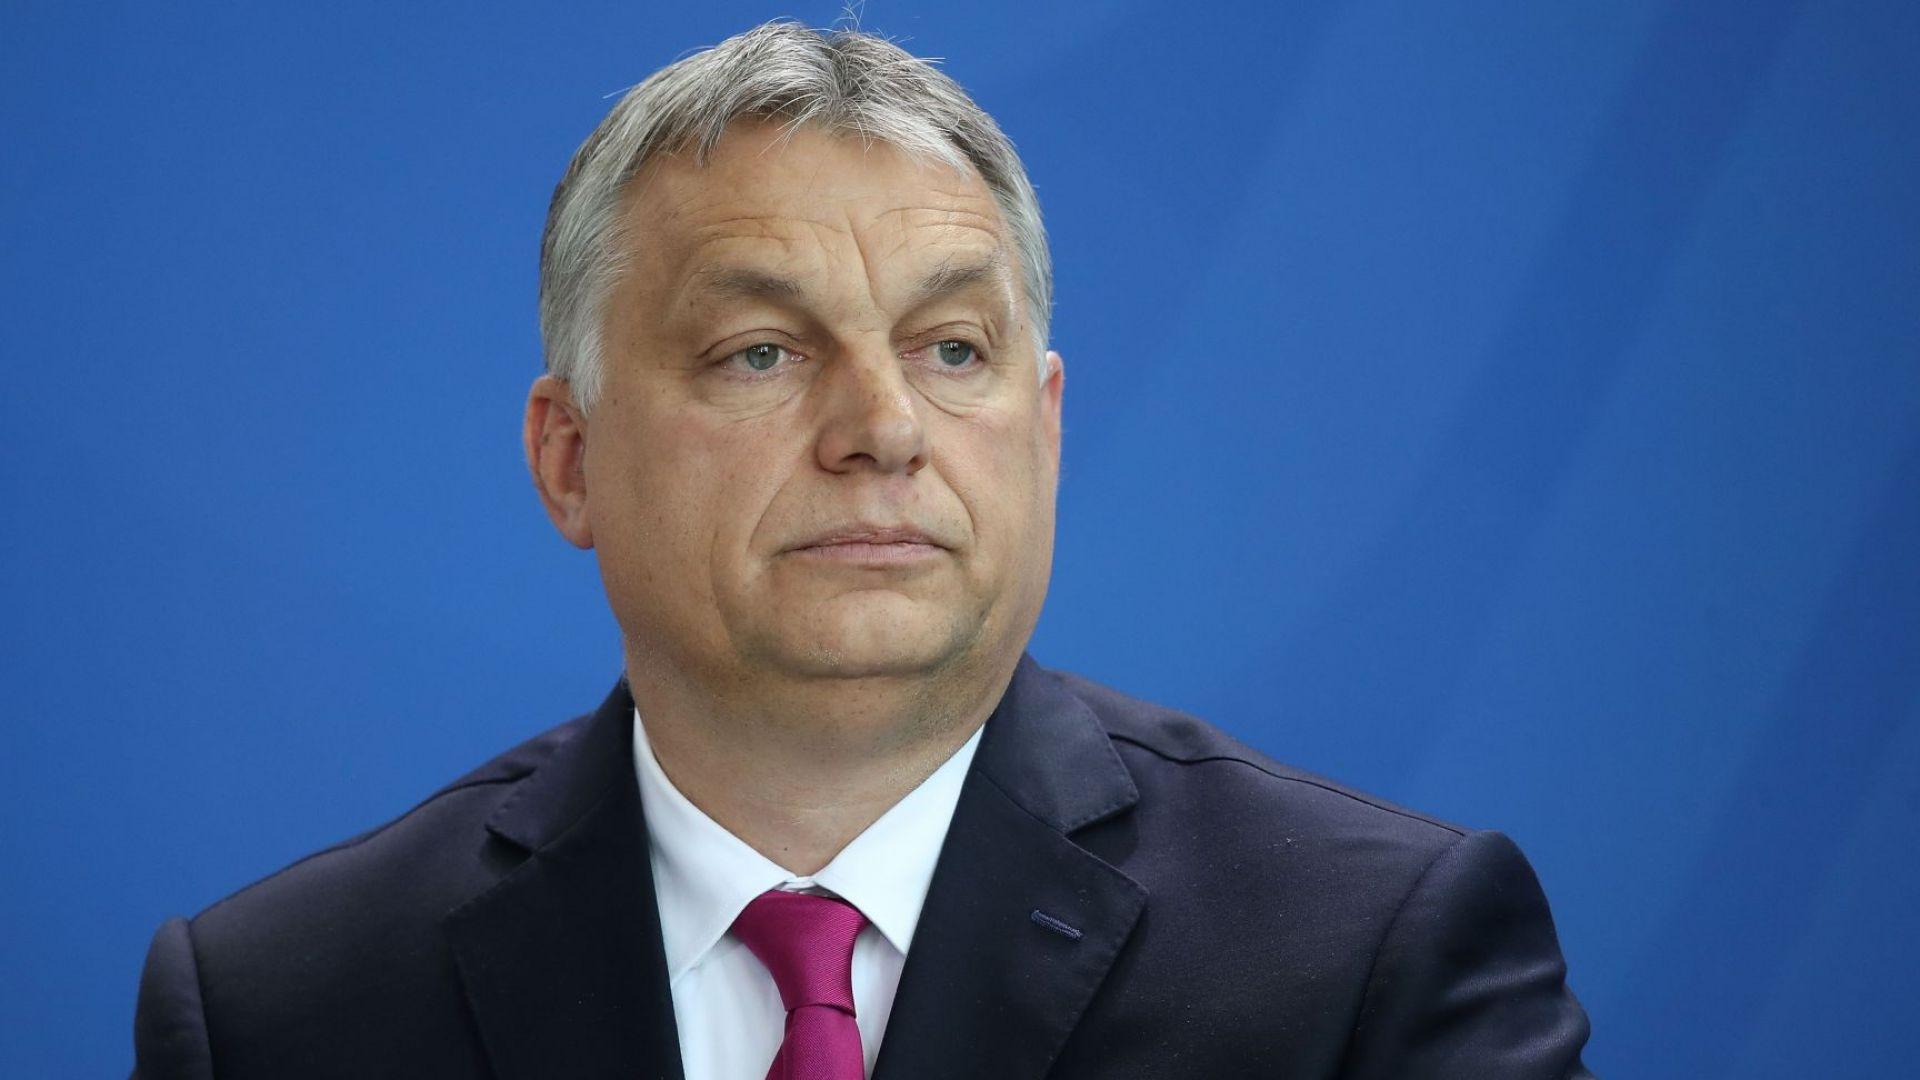 Орбан ускорява развитието на армията, не разчита изцяло на НАТО